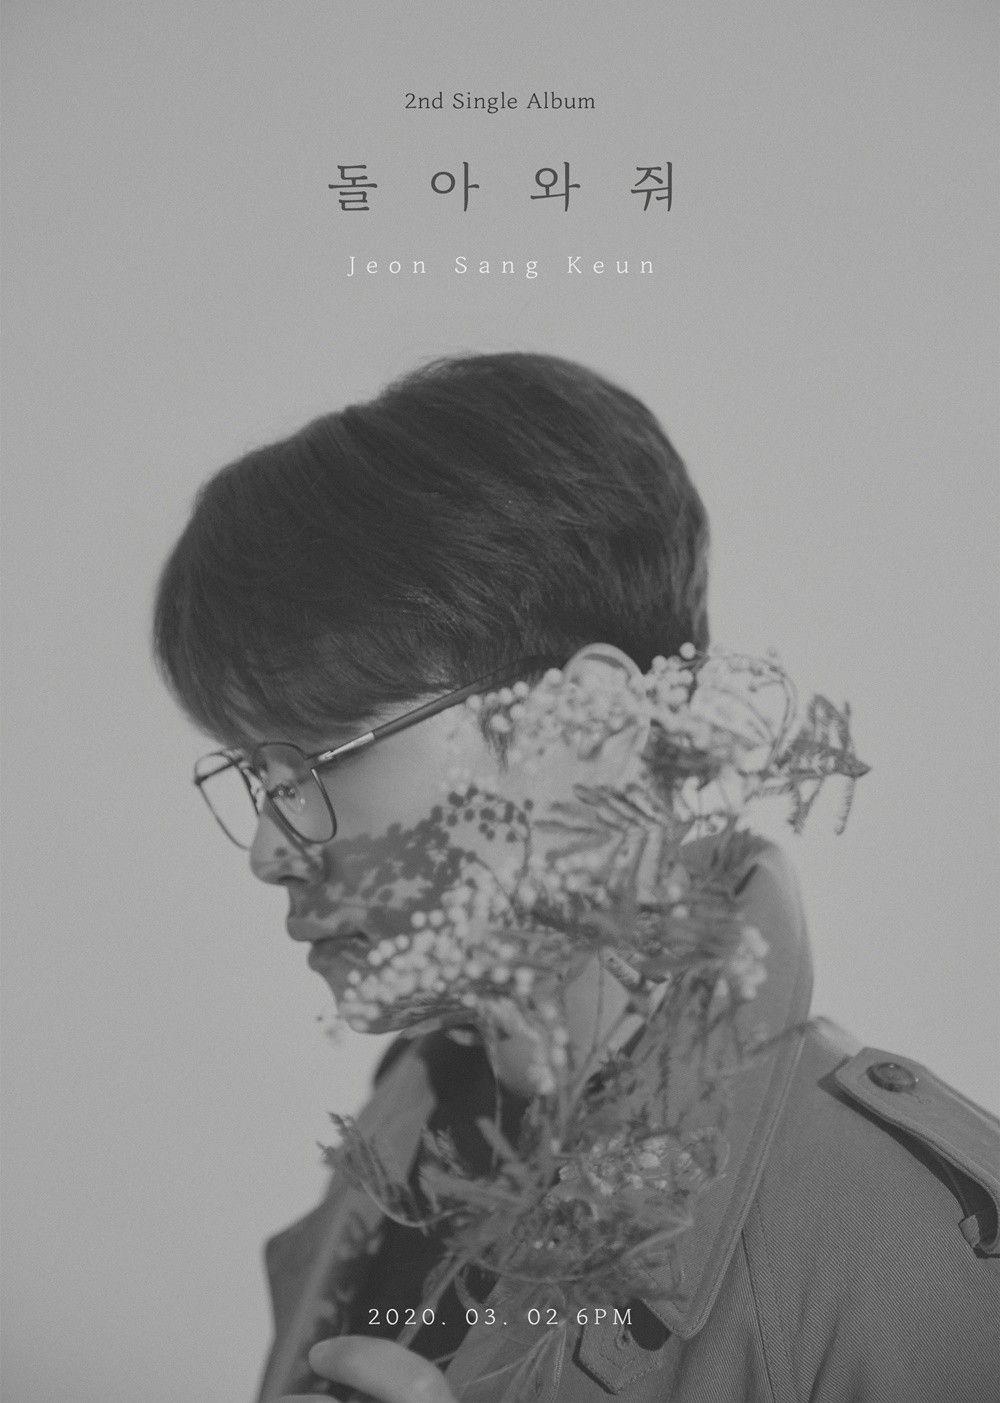 전상근, 두 번째 싱글 '돌아와 줘' 티저 이미지 공개